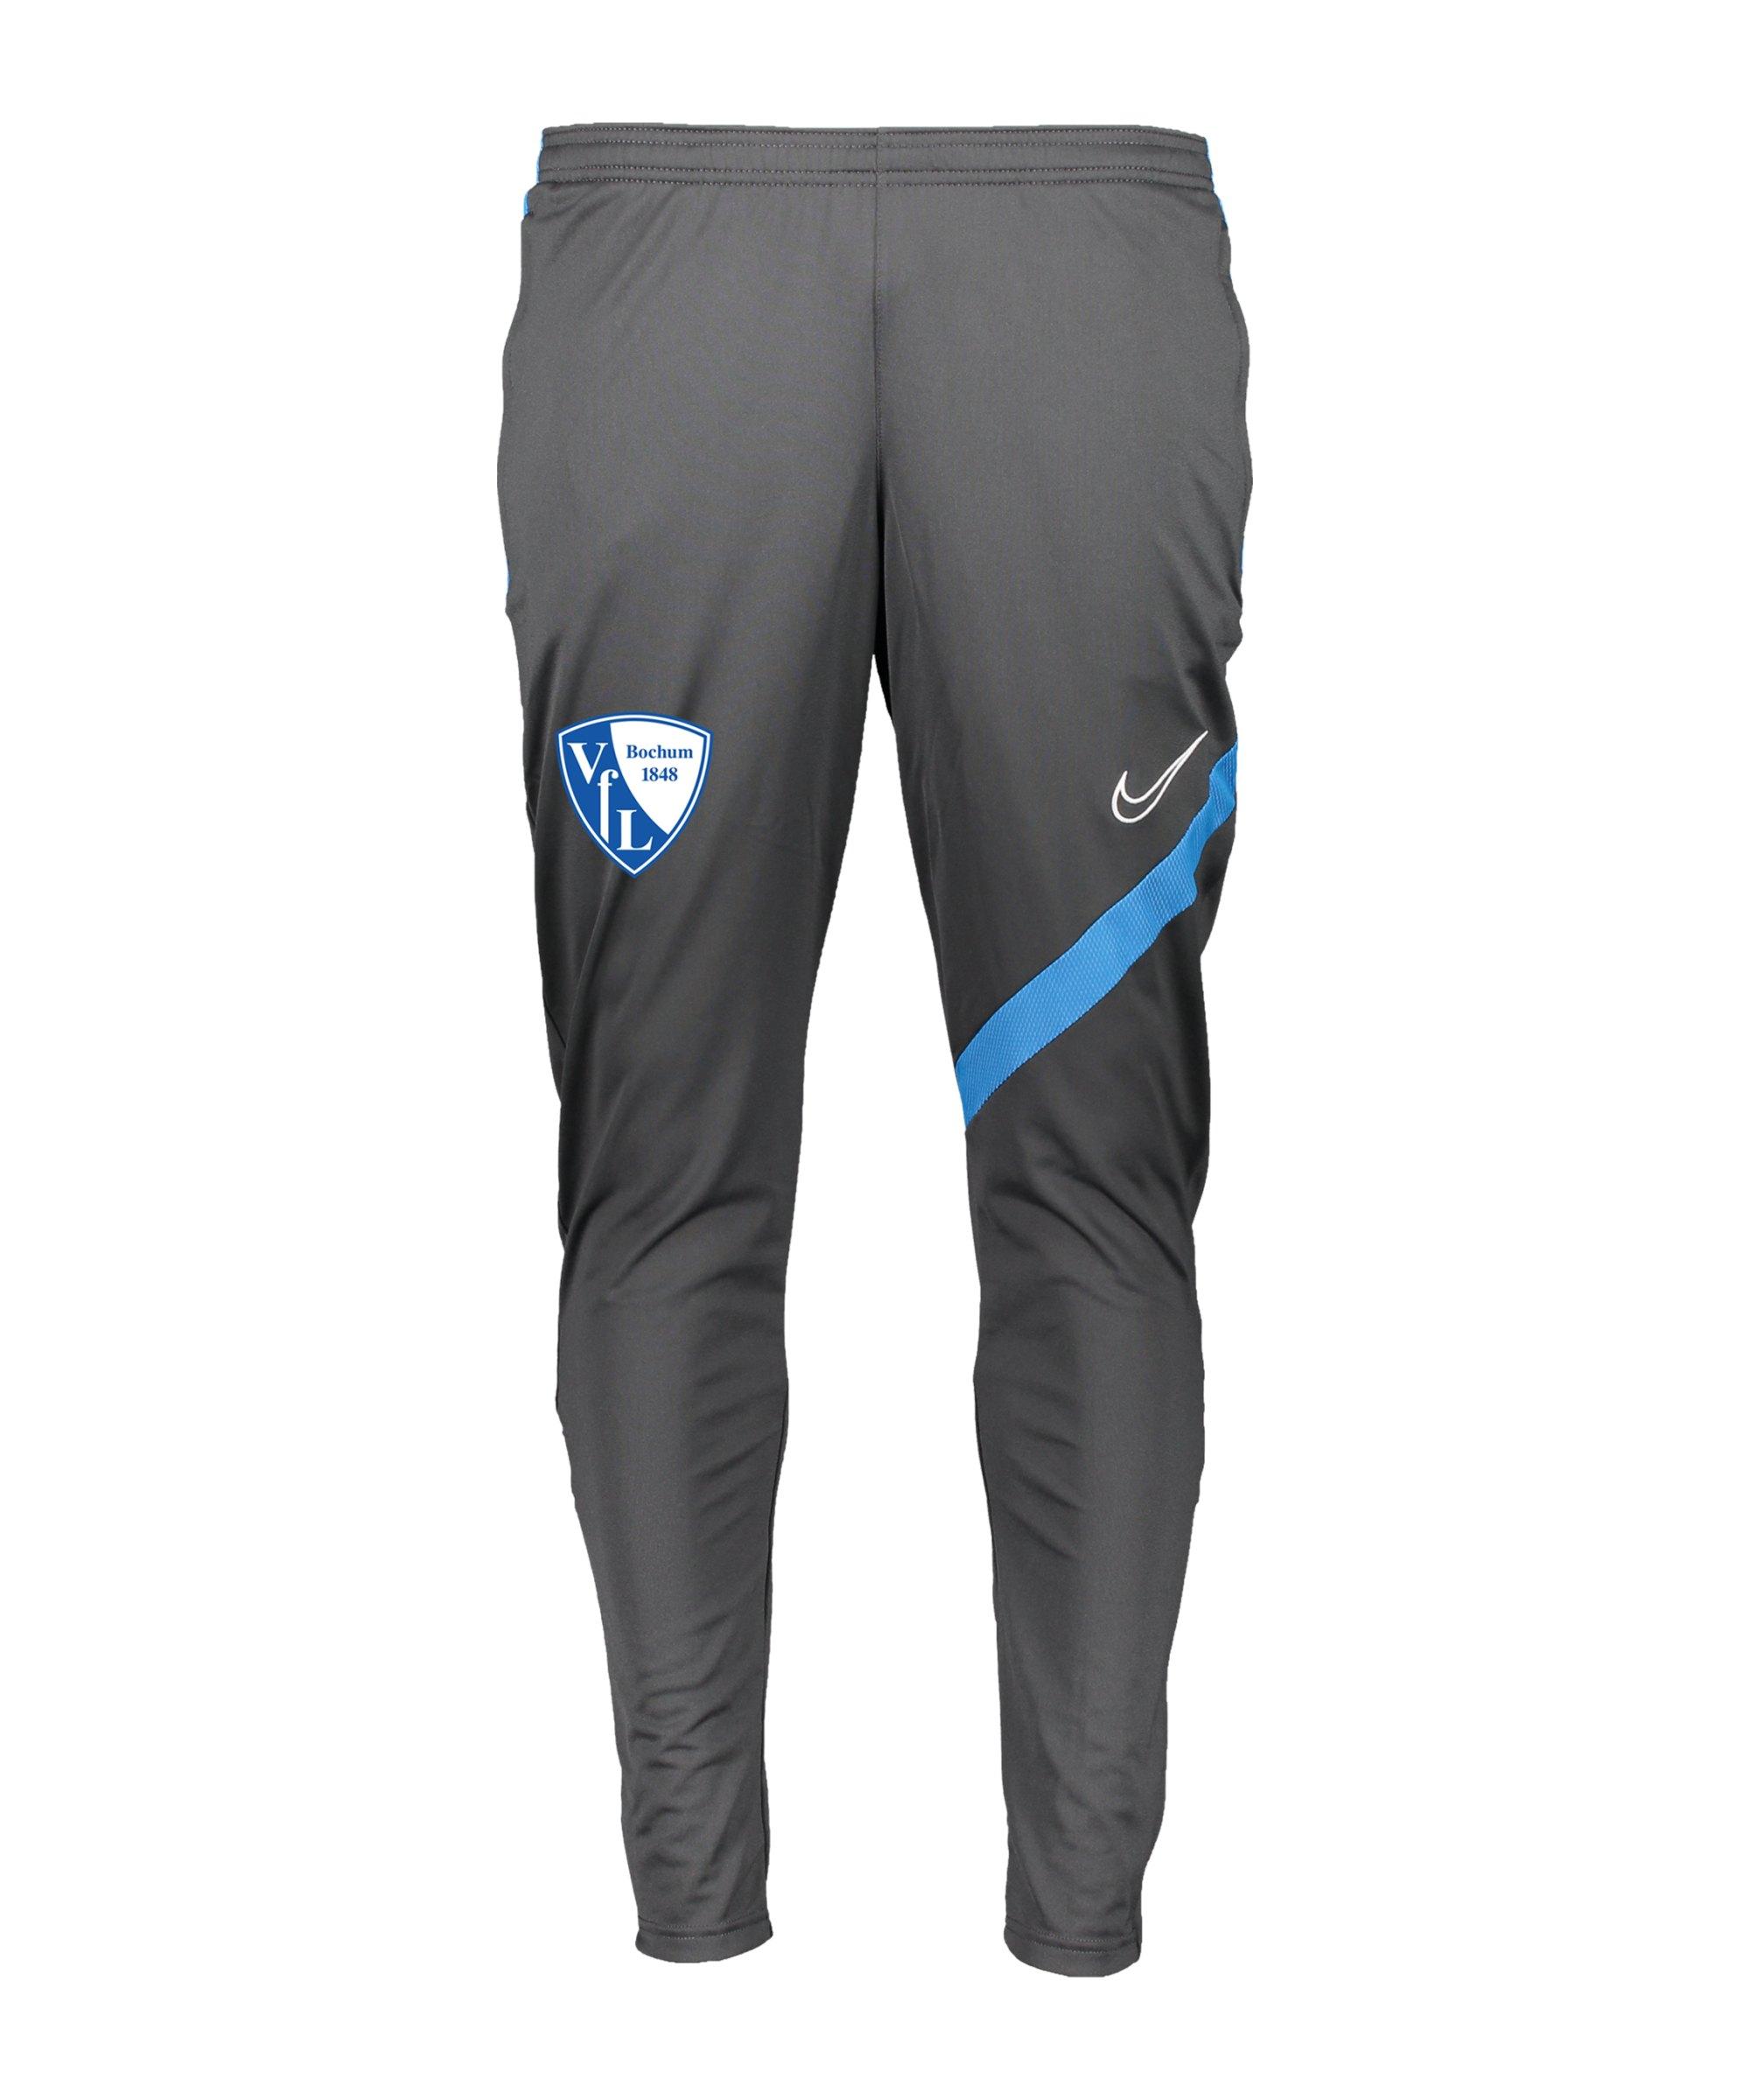 Nike VfL Bochum Trainingshose Kids Grau F069 - grau